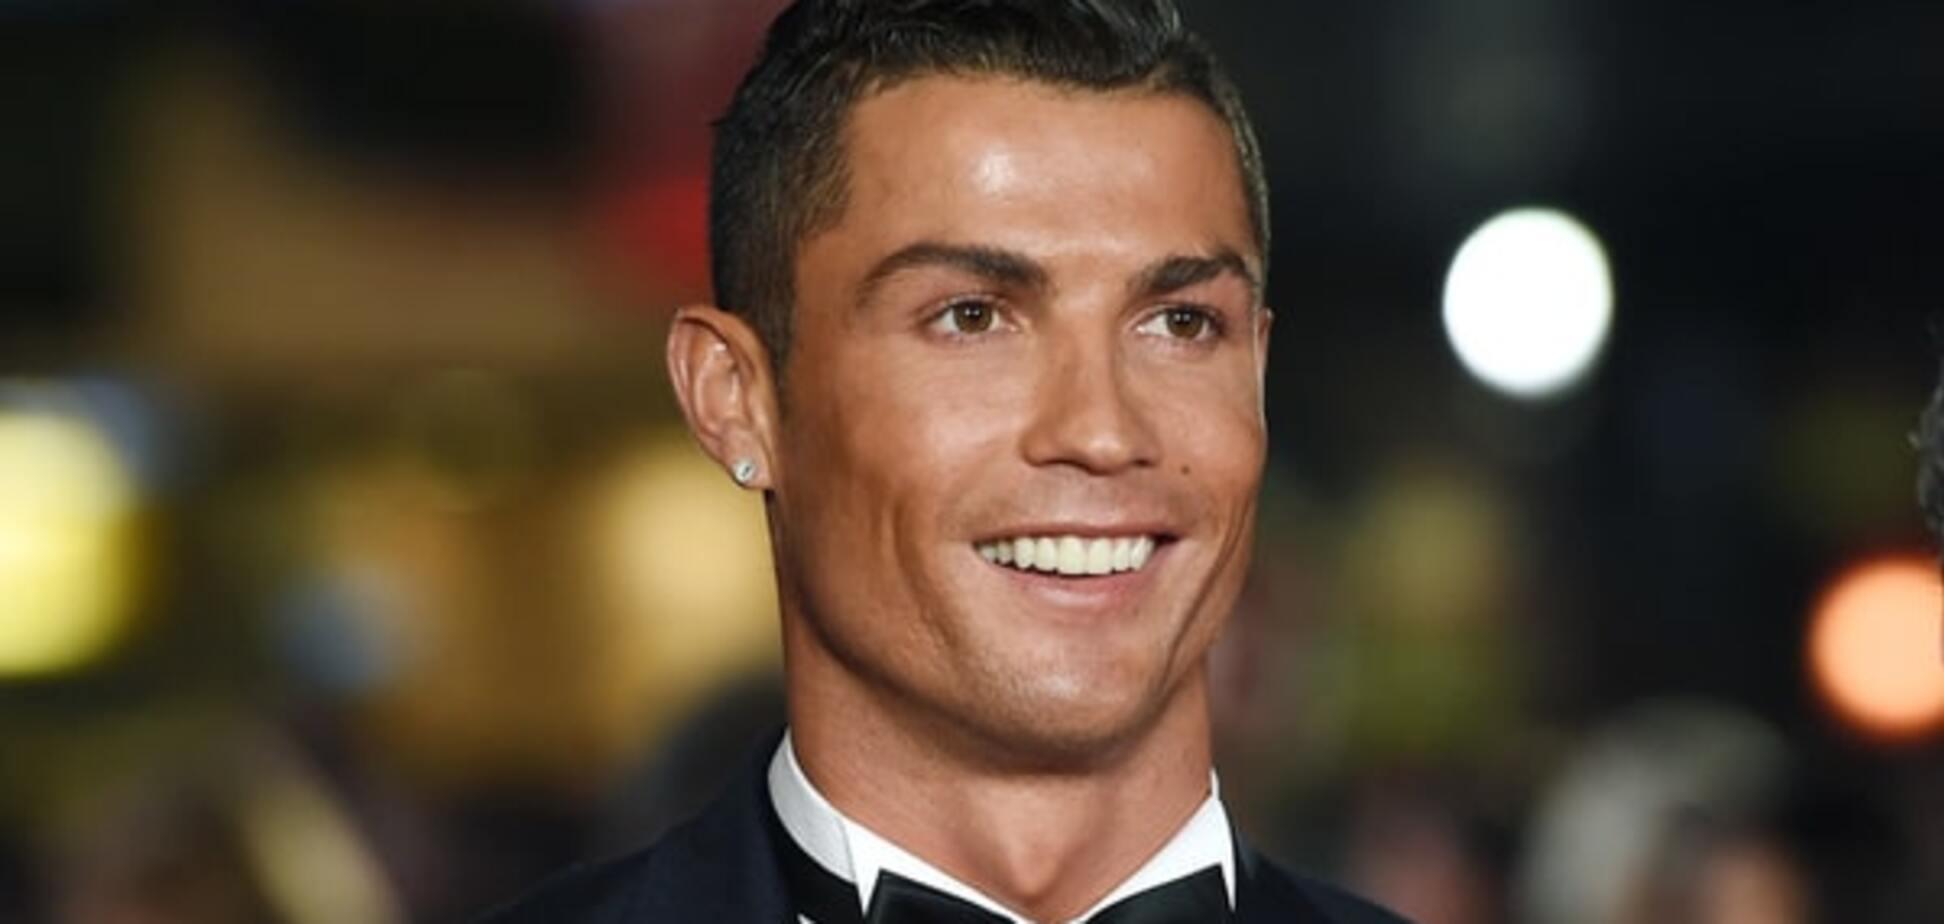 Найкрупніший порносайт в світі склав рейтинг популярності футболістів